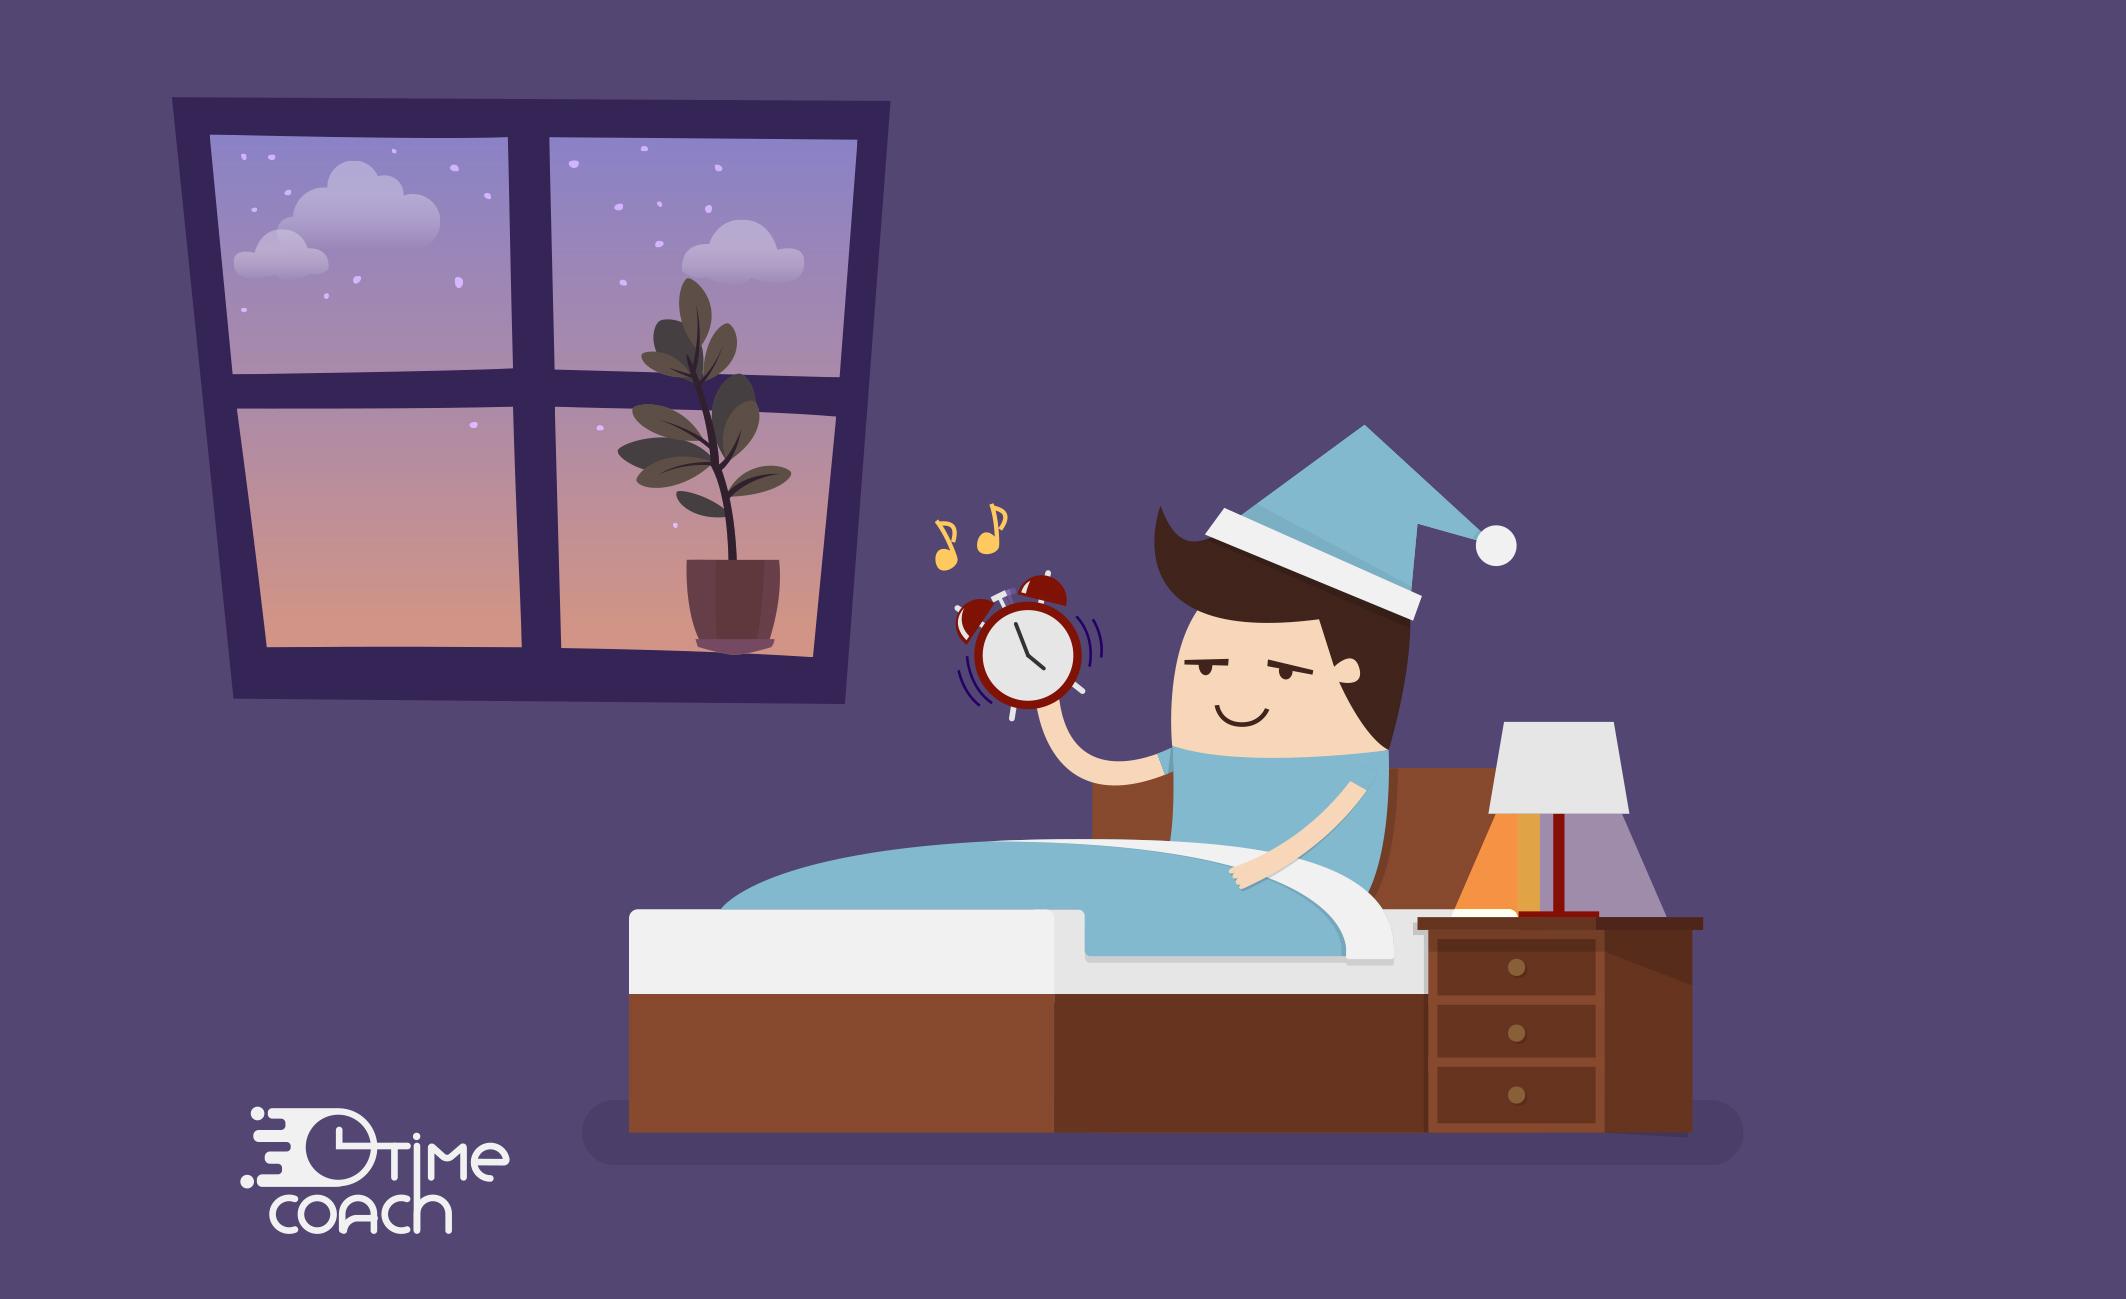 چرا افراد سازنده همیشه خیلی زود از خواب بیدار می شوند؟